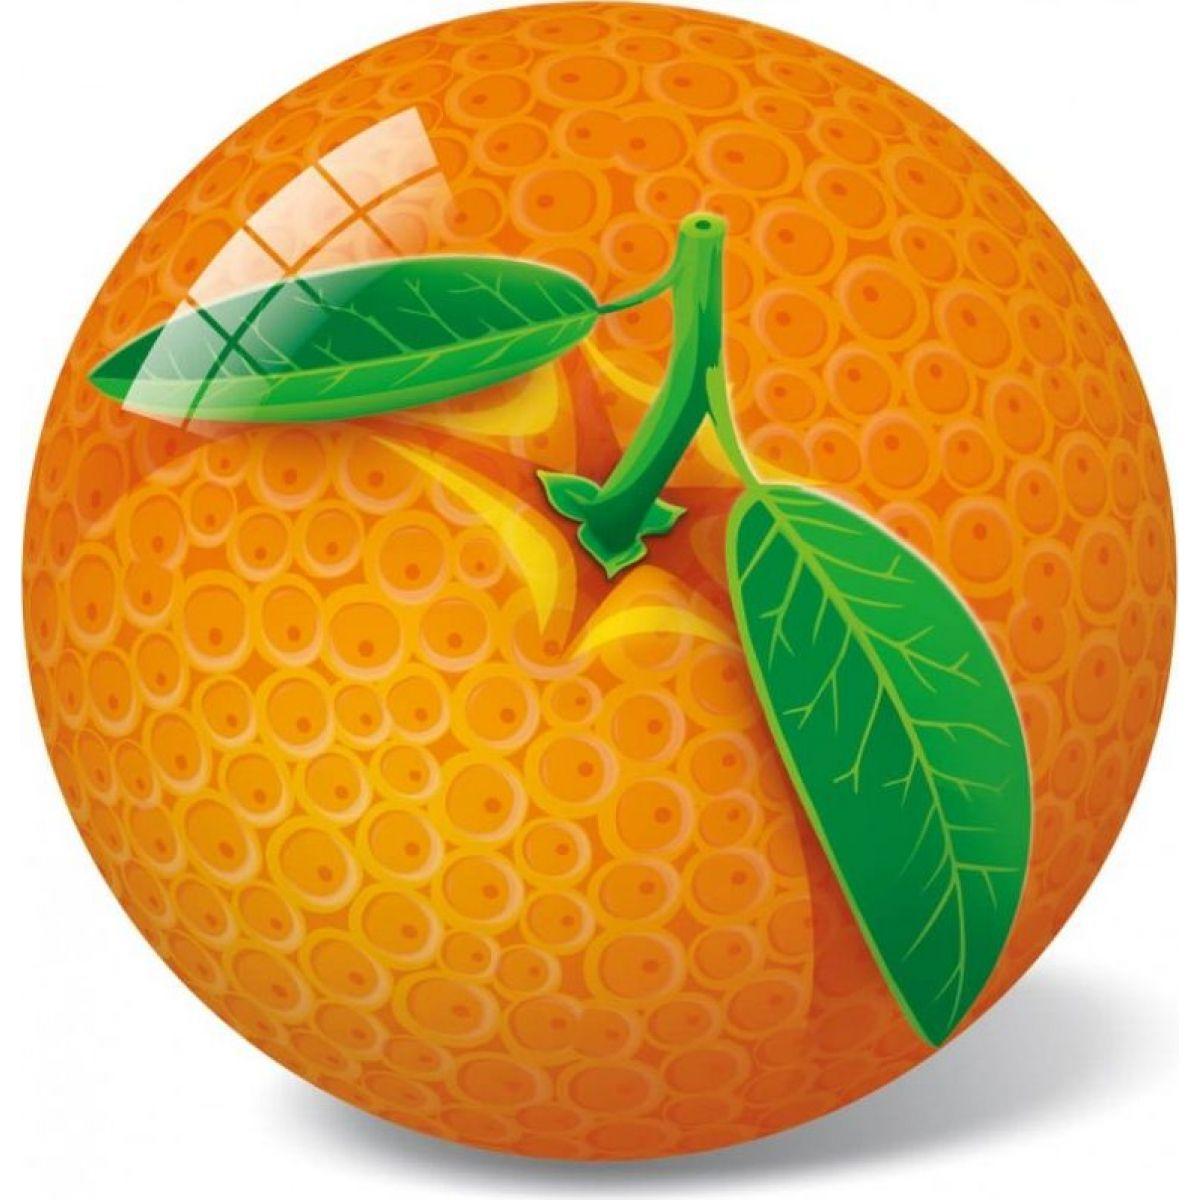 Made Lopta pomaranč 23 cm